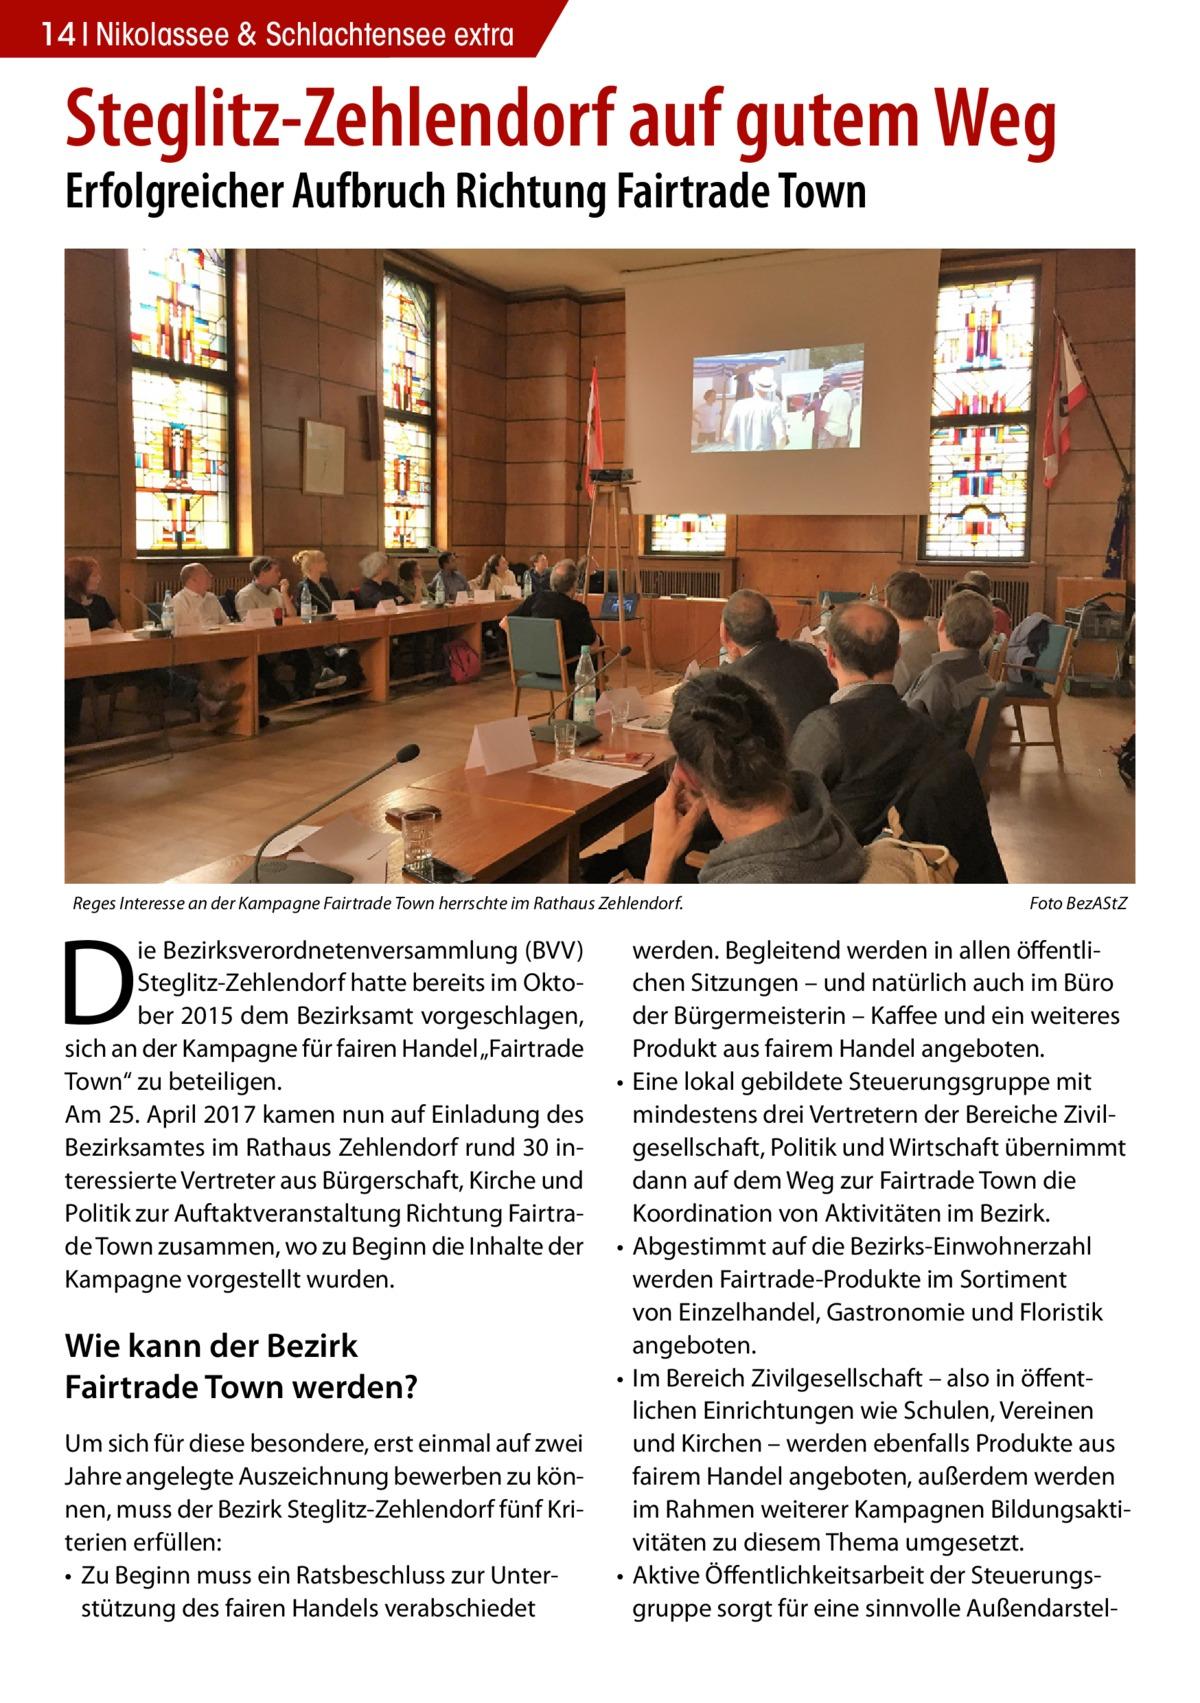 """14 Nikolassee Gesundheit & Schlachtensee extra  Steglitz-Zehlendorf auf gutem Weg Erfolgreicher Aufbruch Richtung Fairtrade Town  Reges Interesse an der Kampagne Fairtrade Town herrschte im Rathaus Zehlendorf. �  D  ie Bezirksverordnetenversammlung (BVV) Steglitz-Zehlendorf hatte bereits im Oktober 2015 dem Bezirksamt vorgeschlagen, sich an der Kampagne für fairen Handel """"Fairtrade Town"""" zu beteiligen. Am 25.April 2017 kamen nun auf Einladung des Bezirksamtes im Rathaus Zehlendorf rund 30interessierte Vertreter aus Bürgerschaft, Kirche und Politik zur Auftaktveranstaltung Richtung Fairtrade Town zusammen, wo zu Beginn die Inhalte der Kampagne vorgestellt wurden.  Wie kann der Bezirk Fairtrade Town werden? Um sich für diese besondere, erst einmal auf zwei Jahre angelegte Auszeichnung bewerben zu können, muss der Bezirk Steglitz-Zehlendorf fünf Kriterien erfüllen: • Zu Beginn muss ein Ratsbeschluss zur Unterstützung des fairen Handels verabschiedet  Foto BezAStZ  werden. Begleitend werden in allen öffentlichen Sitzungen – und natürlich auch im Büro der Bürgermeisterin – Kaffee und ein weiteres Produkt aus fairem Handel angeboten. • Eine lokal gebildete Steuerungsgruppe mit mindestens drei Vertretern der Bereiche Zivilgesellschaft, Politik und Wirtschaft übernimmt dann auf dem Weg zur Fairtrade Town die Koordination von Aktivitäten im Bezirk. • Abgestimmt auf die Bezirks-Einwohnerzahl werden Fairtrade-Produkte im Sortiment von Einzelhandel, Gastronomie und Floristik angeboten. • Im Bereich Zivilgesellschaft – also in öffentlichen Einrichtungen wie Schulen, Vereinen und Kirchen – werden ebenfalls Produkte aus fairem Handel angeboten, außerdem werden im Rahmen weiterer Kampagnen Bildungsaktivitäten zu diesem Thema umgesetzt. • Aktive Öffentlichkeitsarbeit der Steuerungsgruppe sorgt für eine sinnvolle Außendarste"""